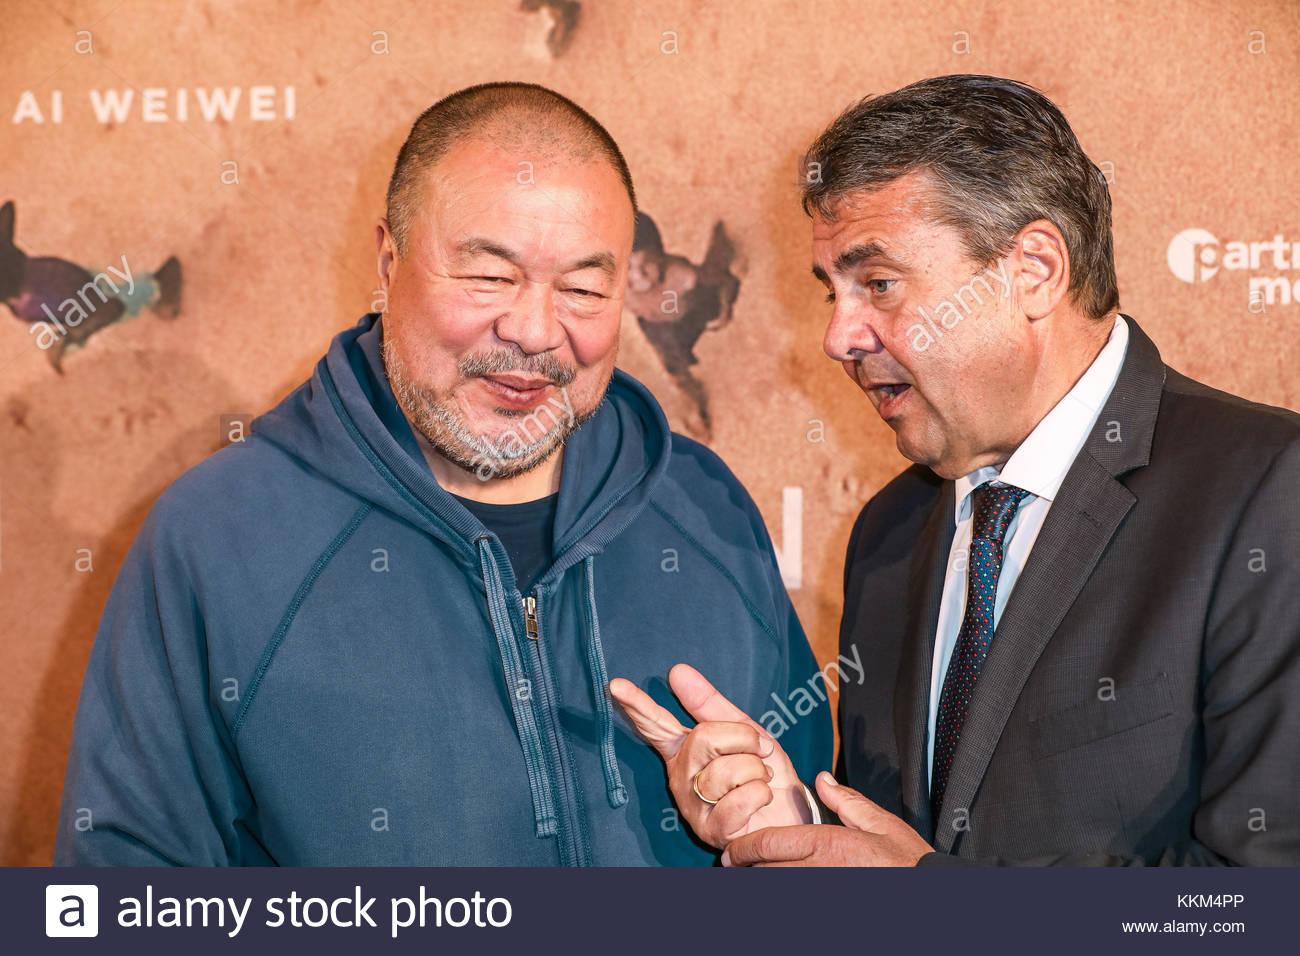 Der chinesische Konzeptkuenstler Ai Weiwei mit Bundesaußenminister Sigmar Gabriel bei der Deutschlandpremiere - Stock Image